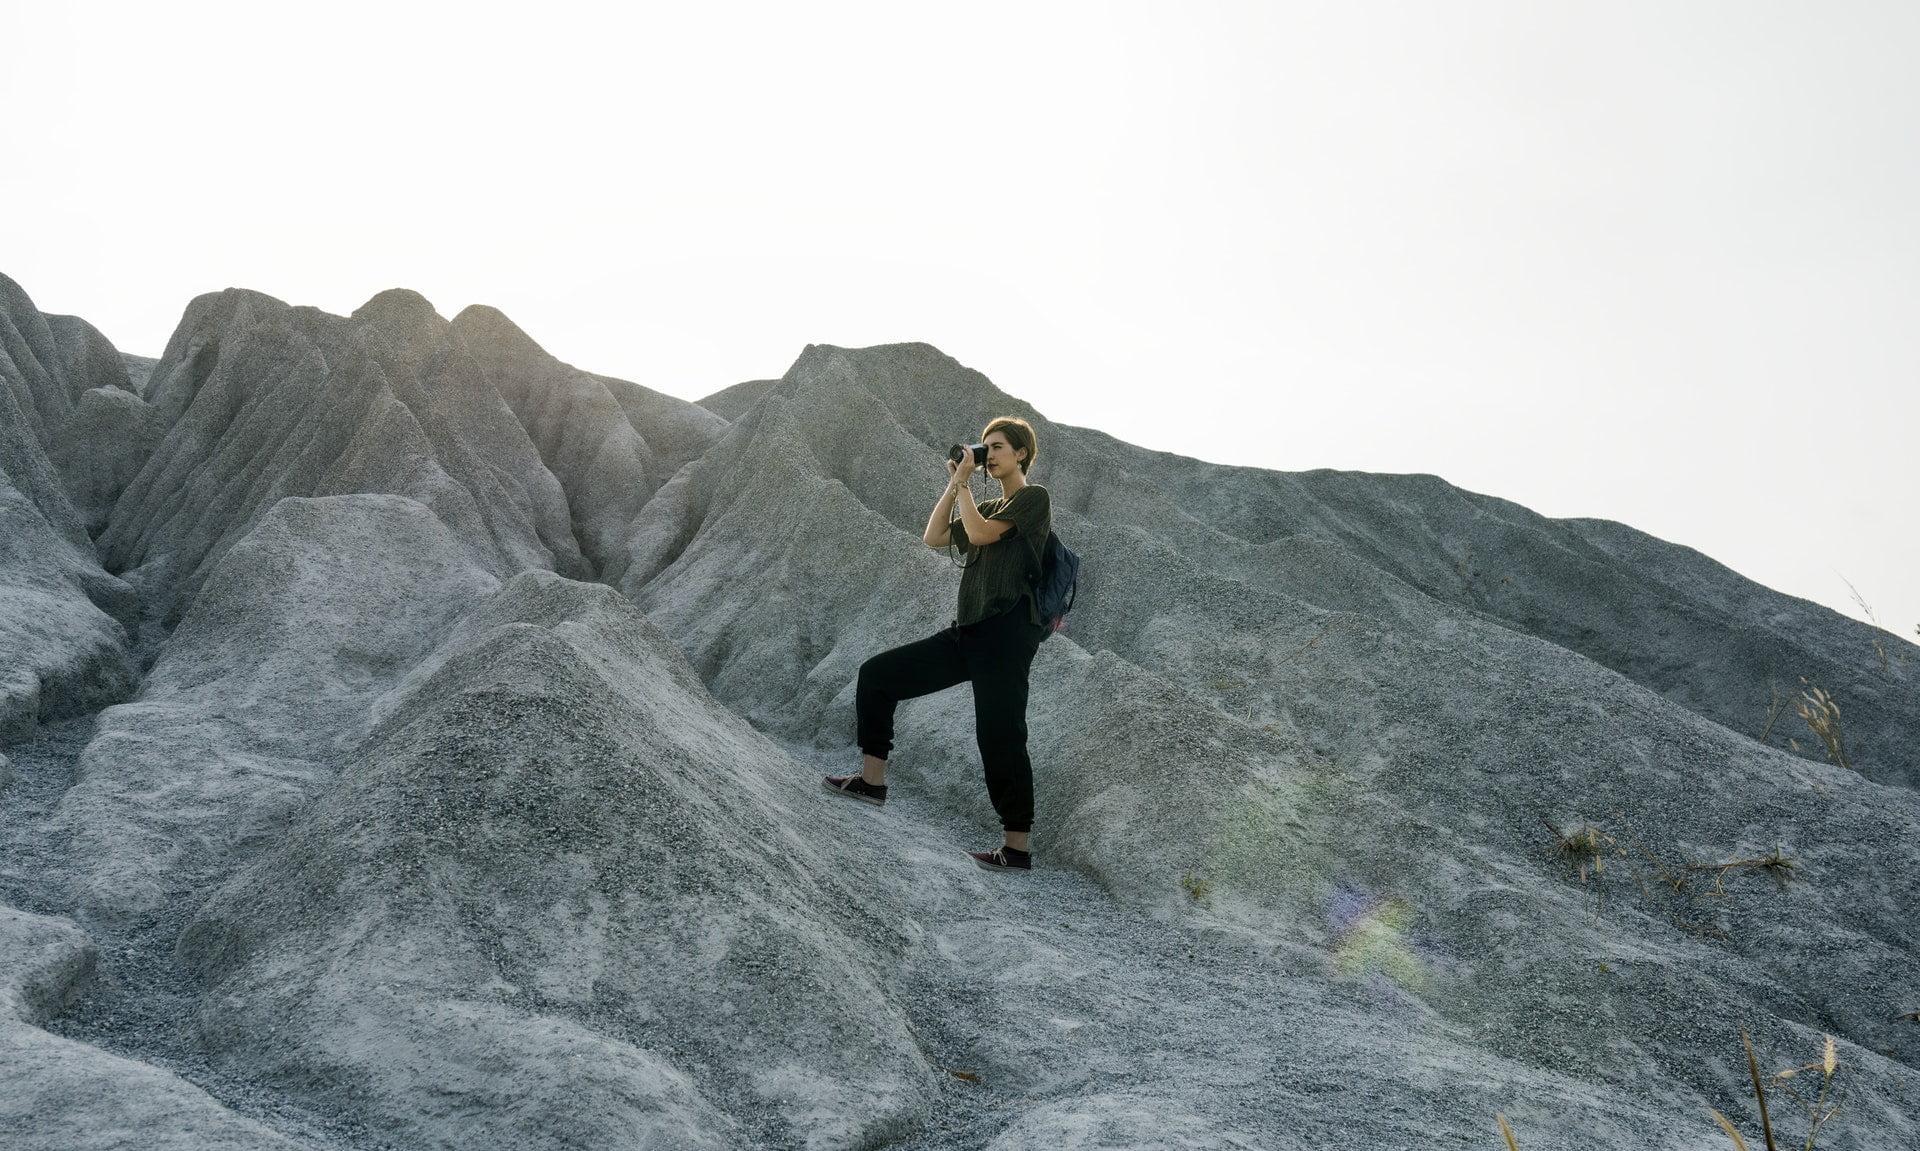 Los mejores concursos de fotografía para participar en verano